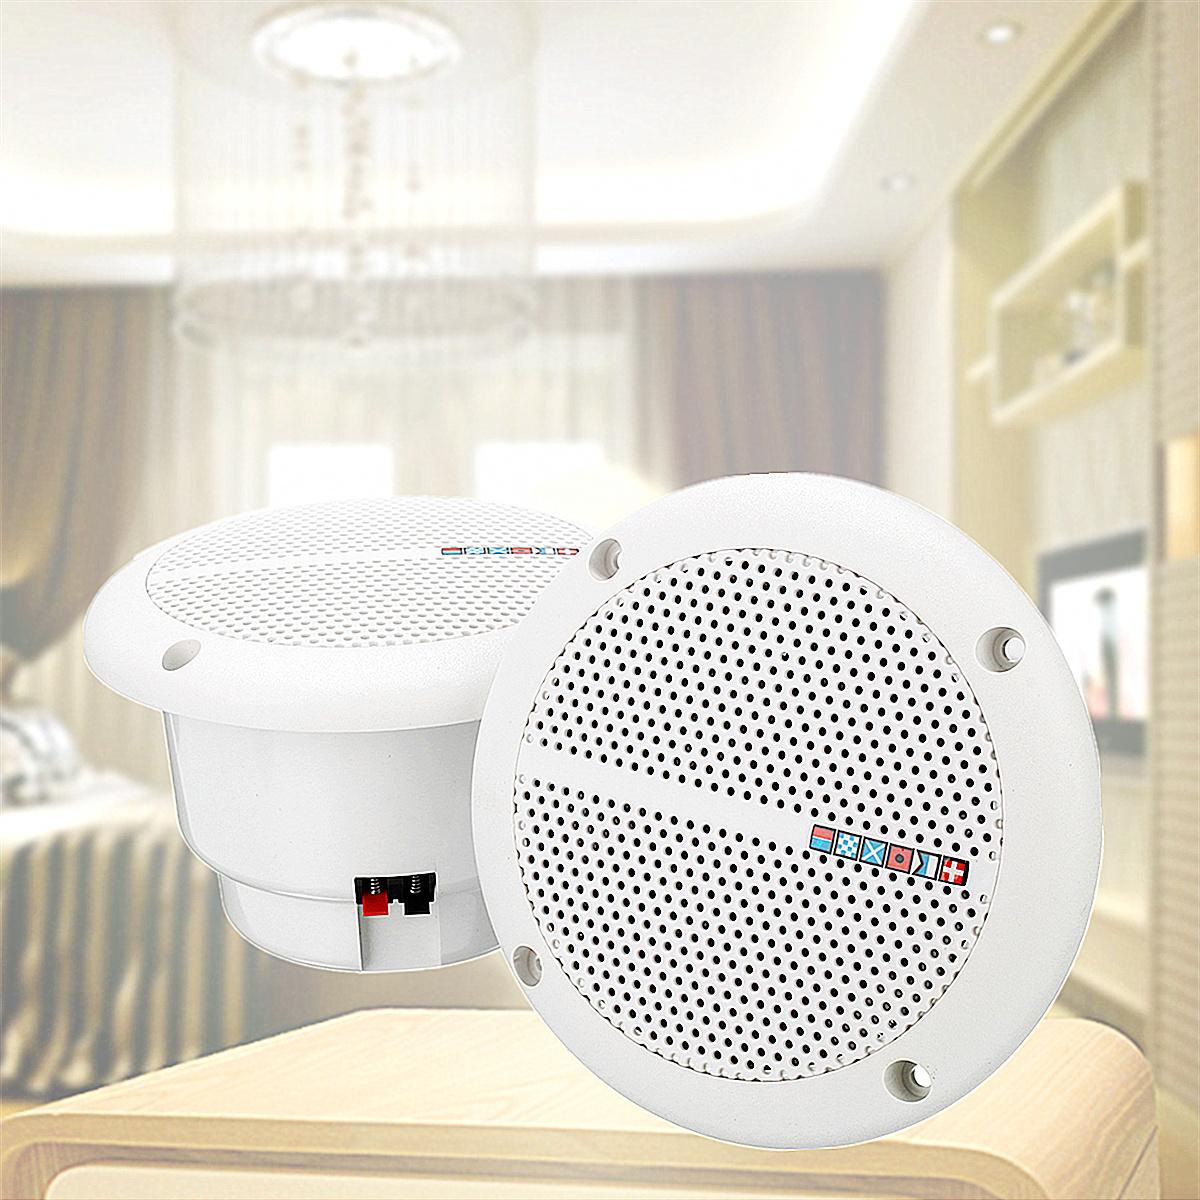 tempsa 1 paire etanche haut parleur pr bateau marine plafond cuisine salle de bain. Black Bedroom Furniture Sets. Home Design Ideas